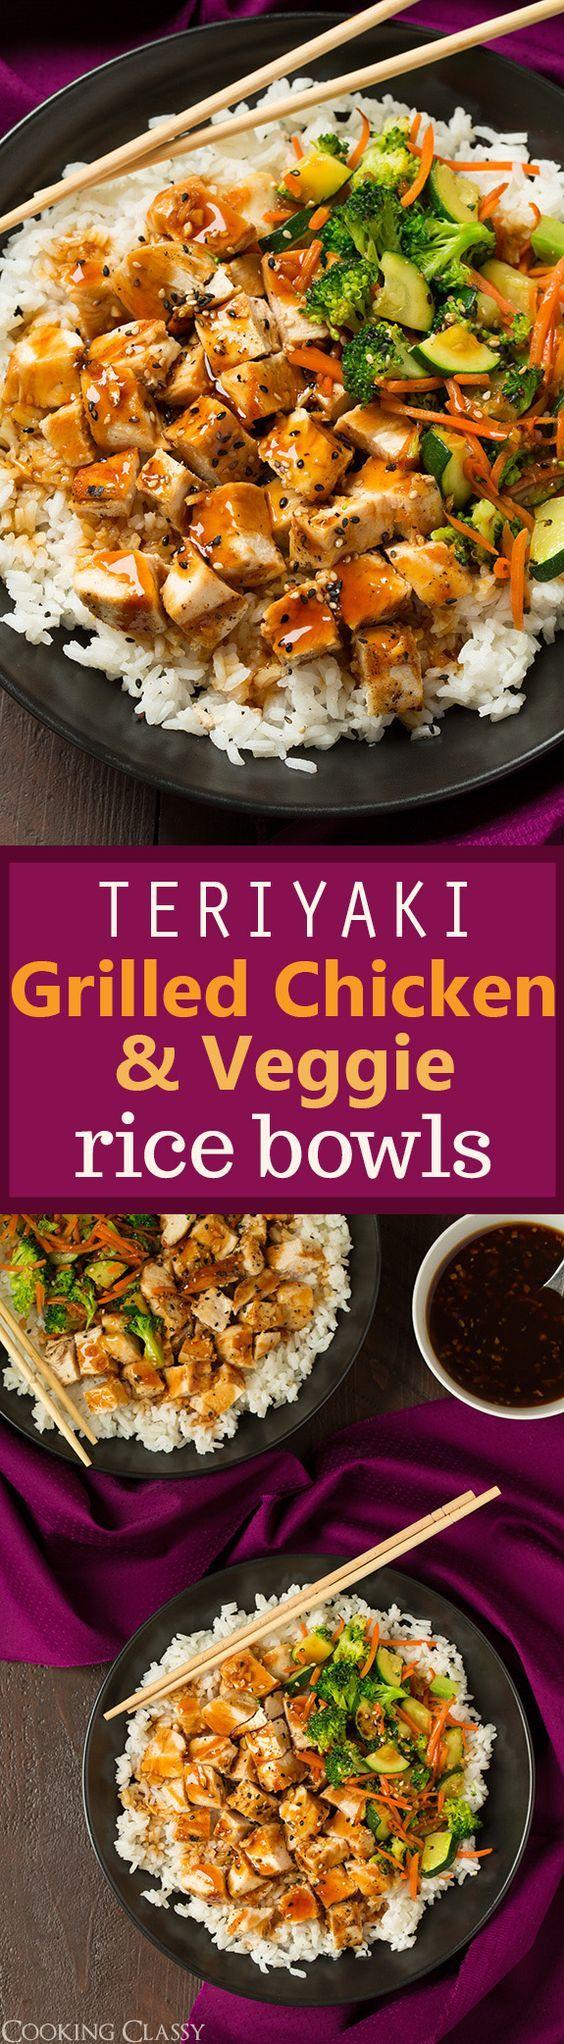 Teriyaki de poulet et légumes cuisinés, avec un peu de riz ! ; ) mmh ! Chais pas vous mais moi ça me donne faim !